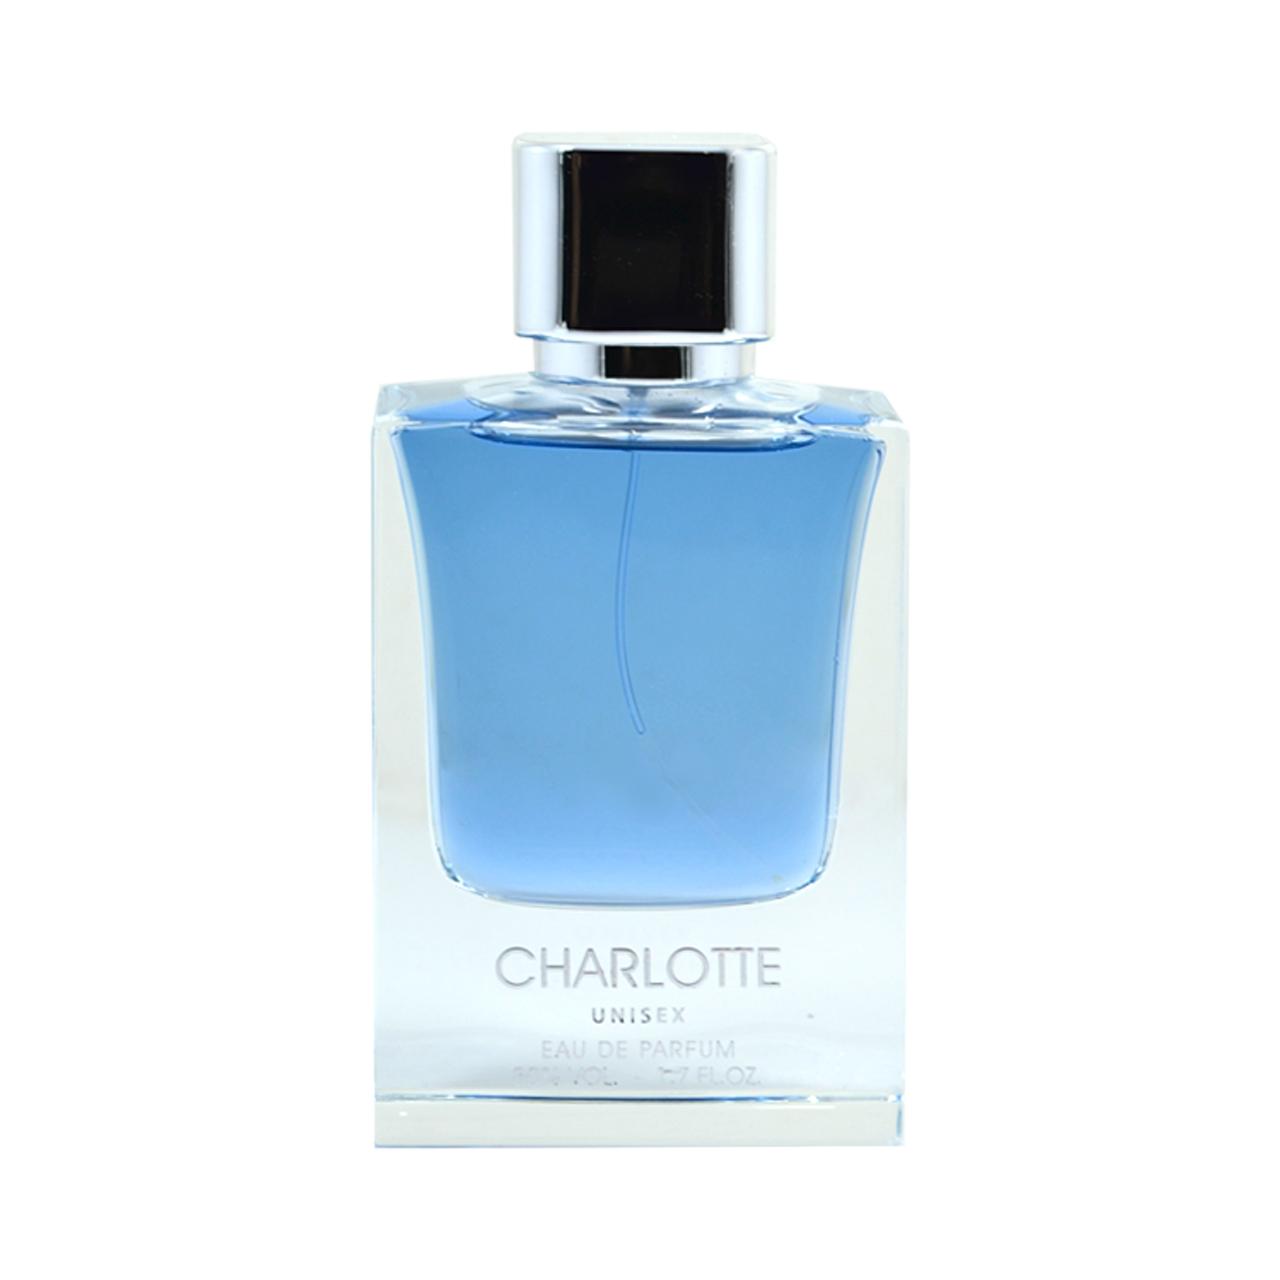 ادوپرفیوم مردانه ری بارتون مدل CHarlotte unisex